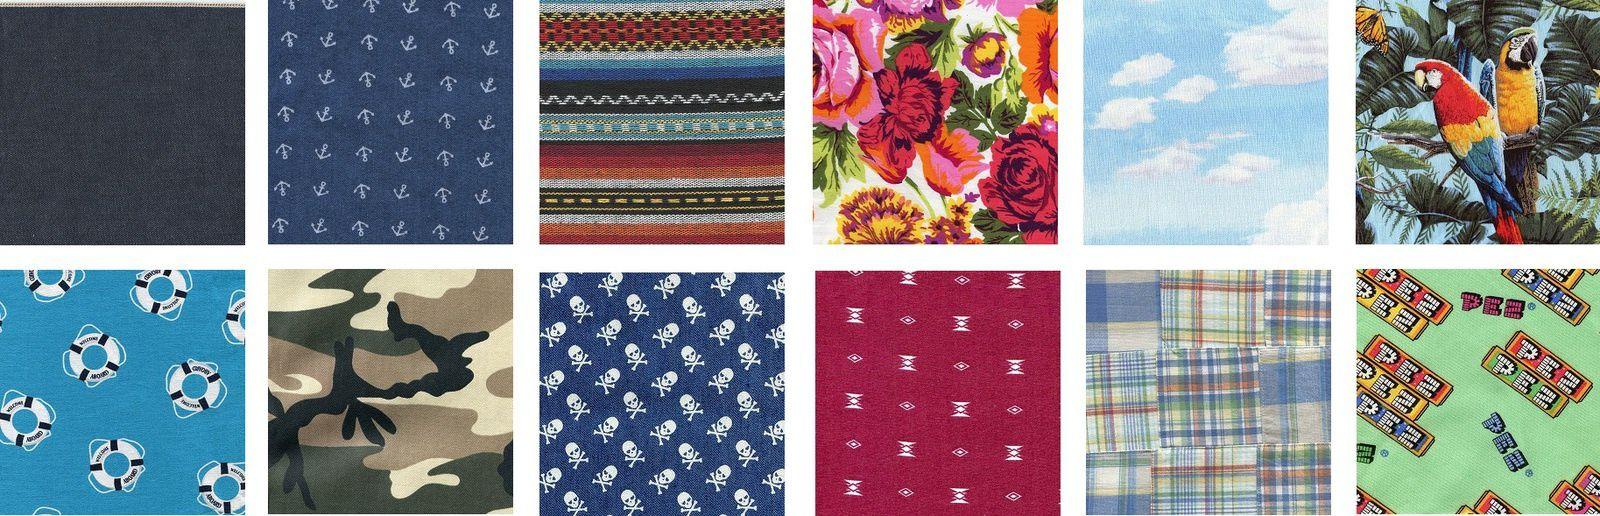 Quelques exemples de motifs, retrouvez l'intégralité des tissus proposés dans le catalogue en fin d'article.